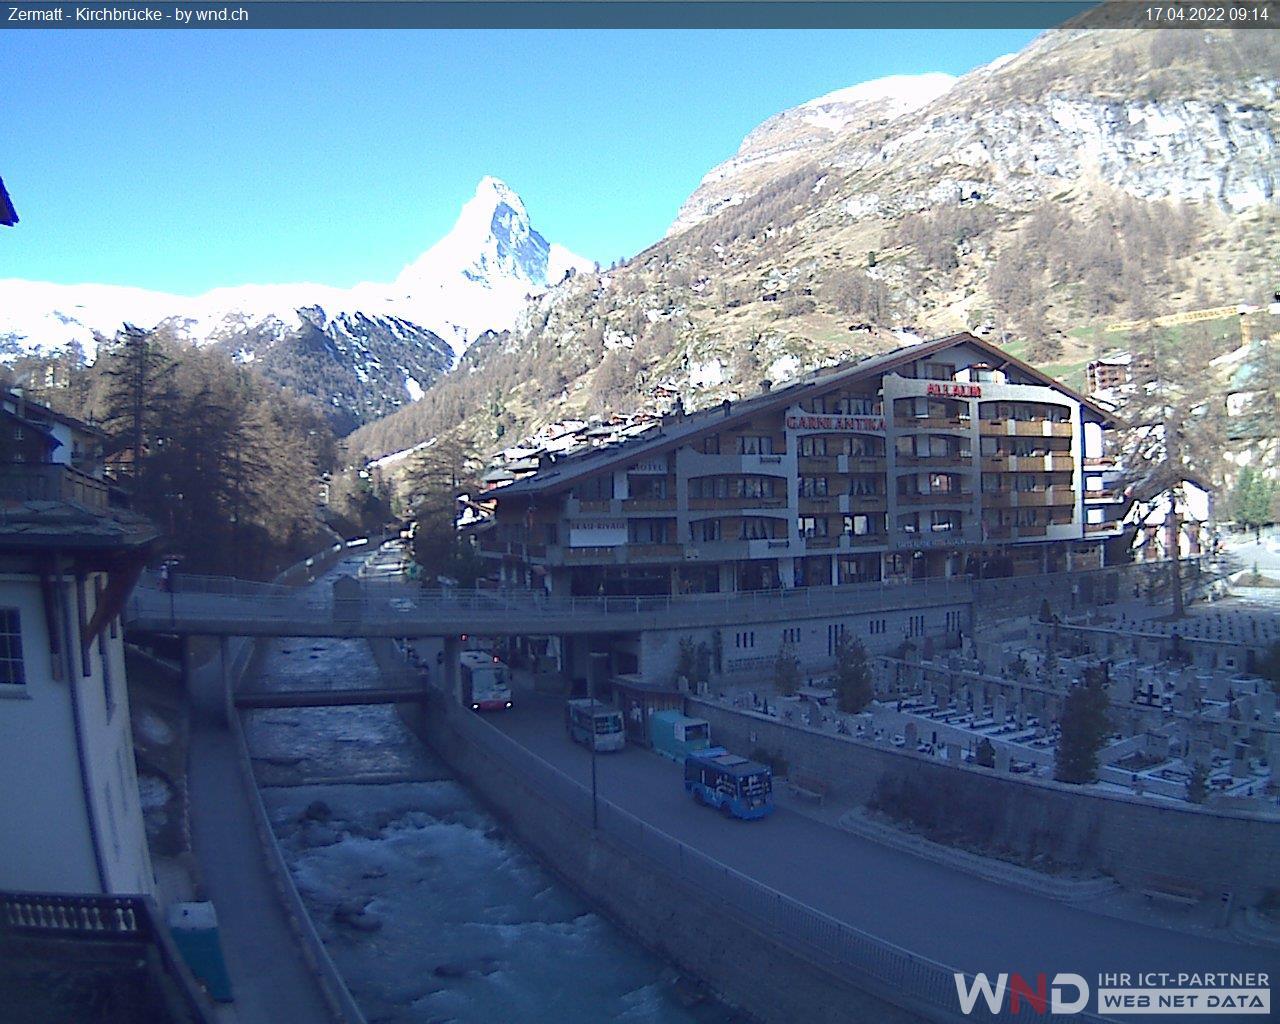 Kirchbrücke webcam